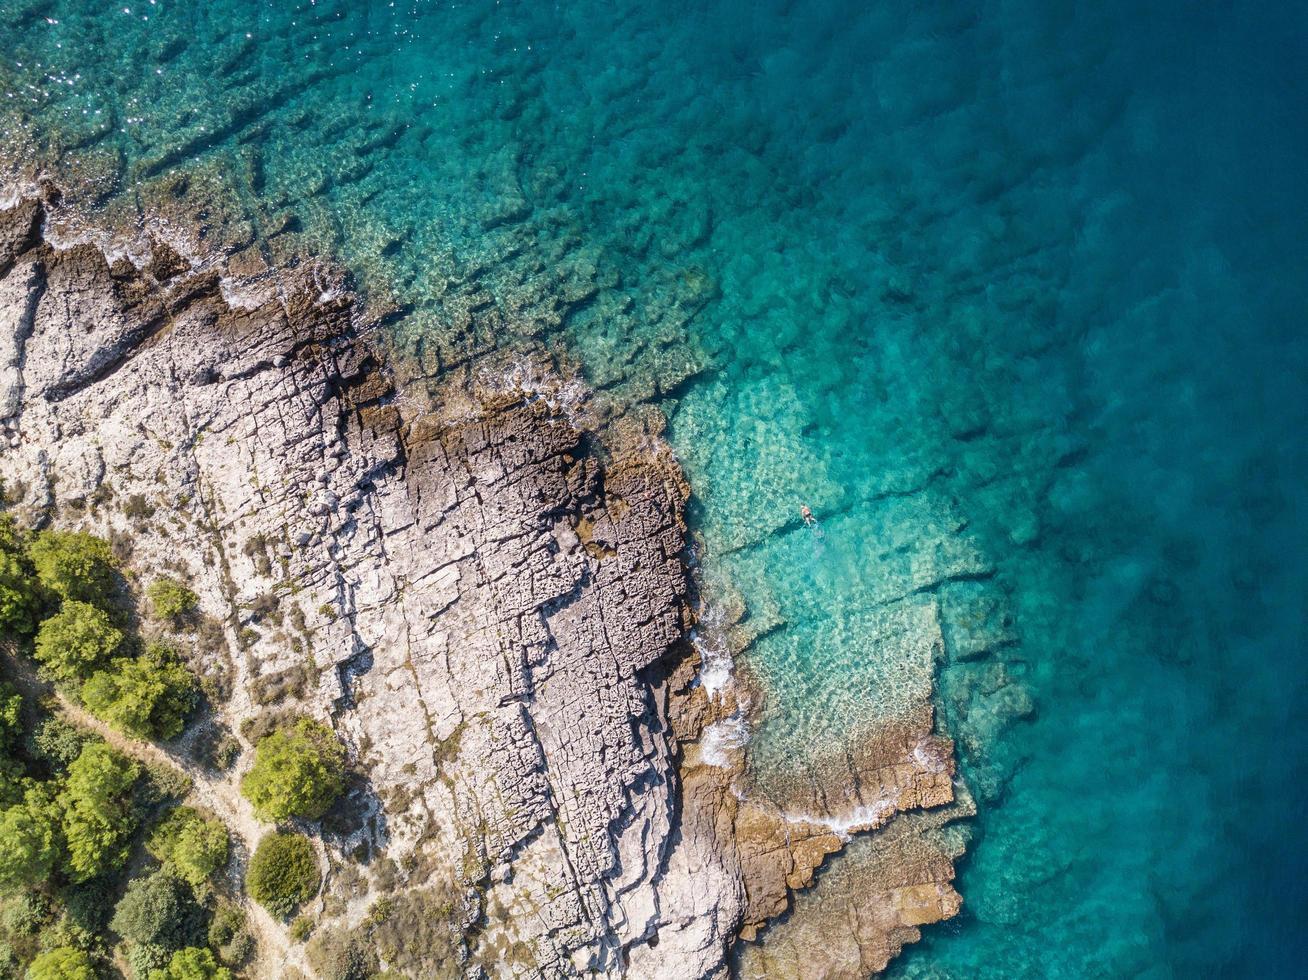 vista aerea dello snorkeler solista in acque turchesi costiere verdi foto